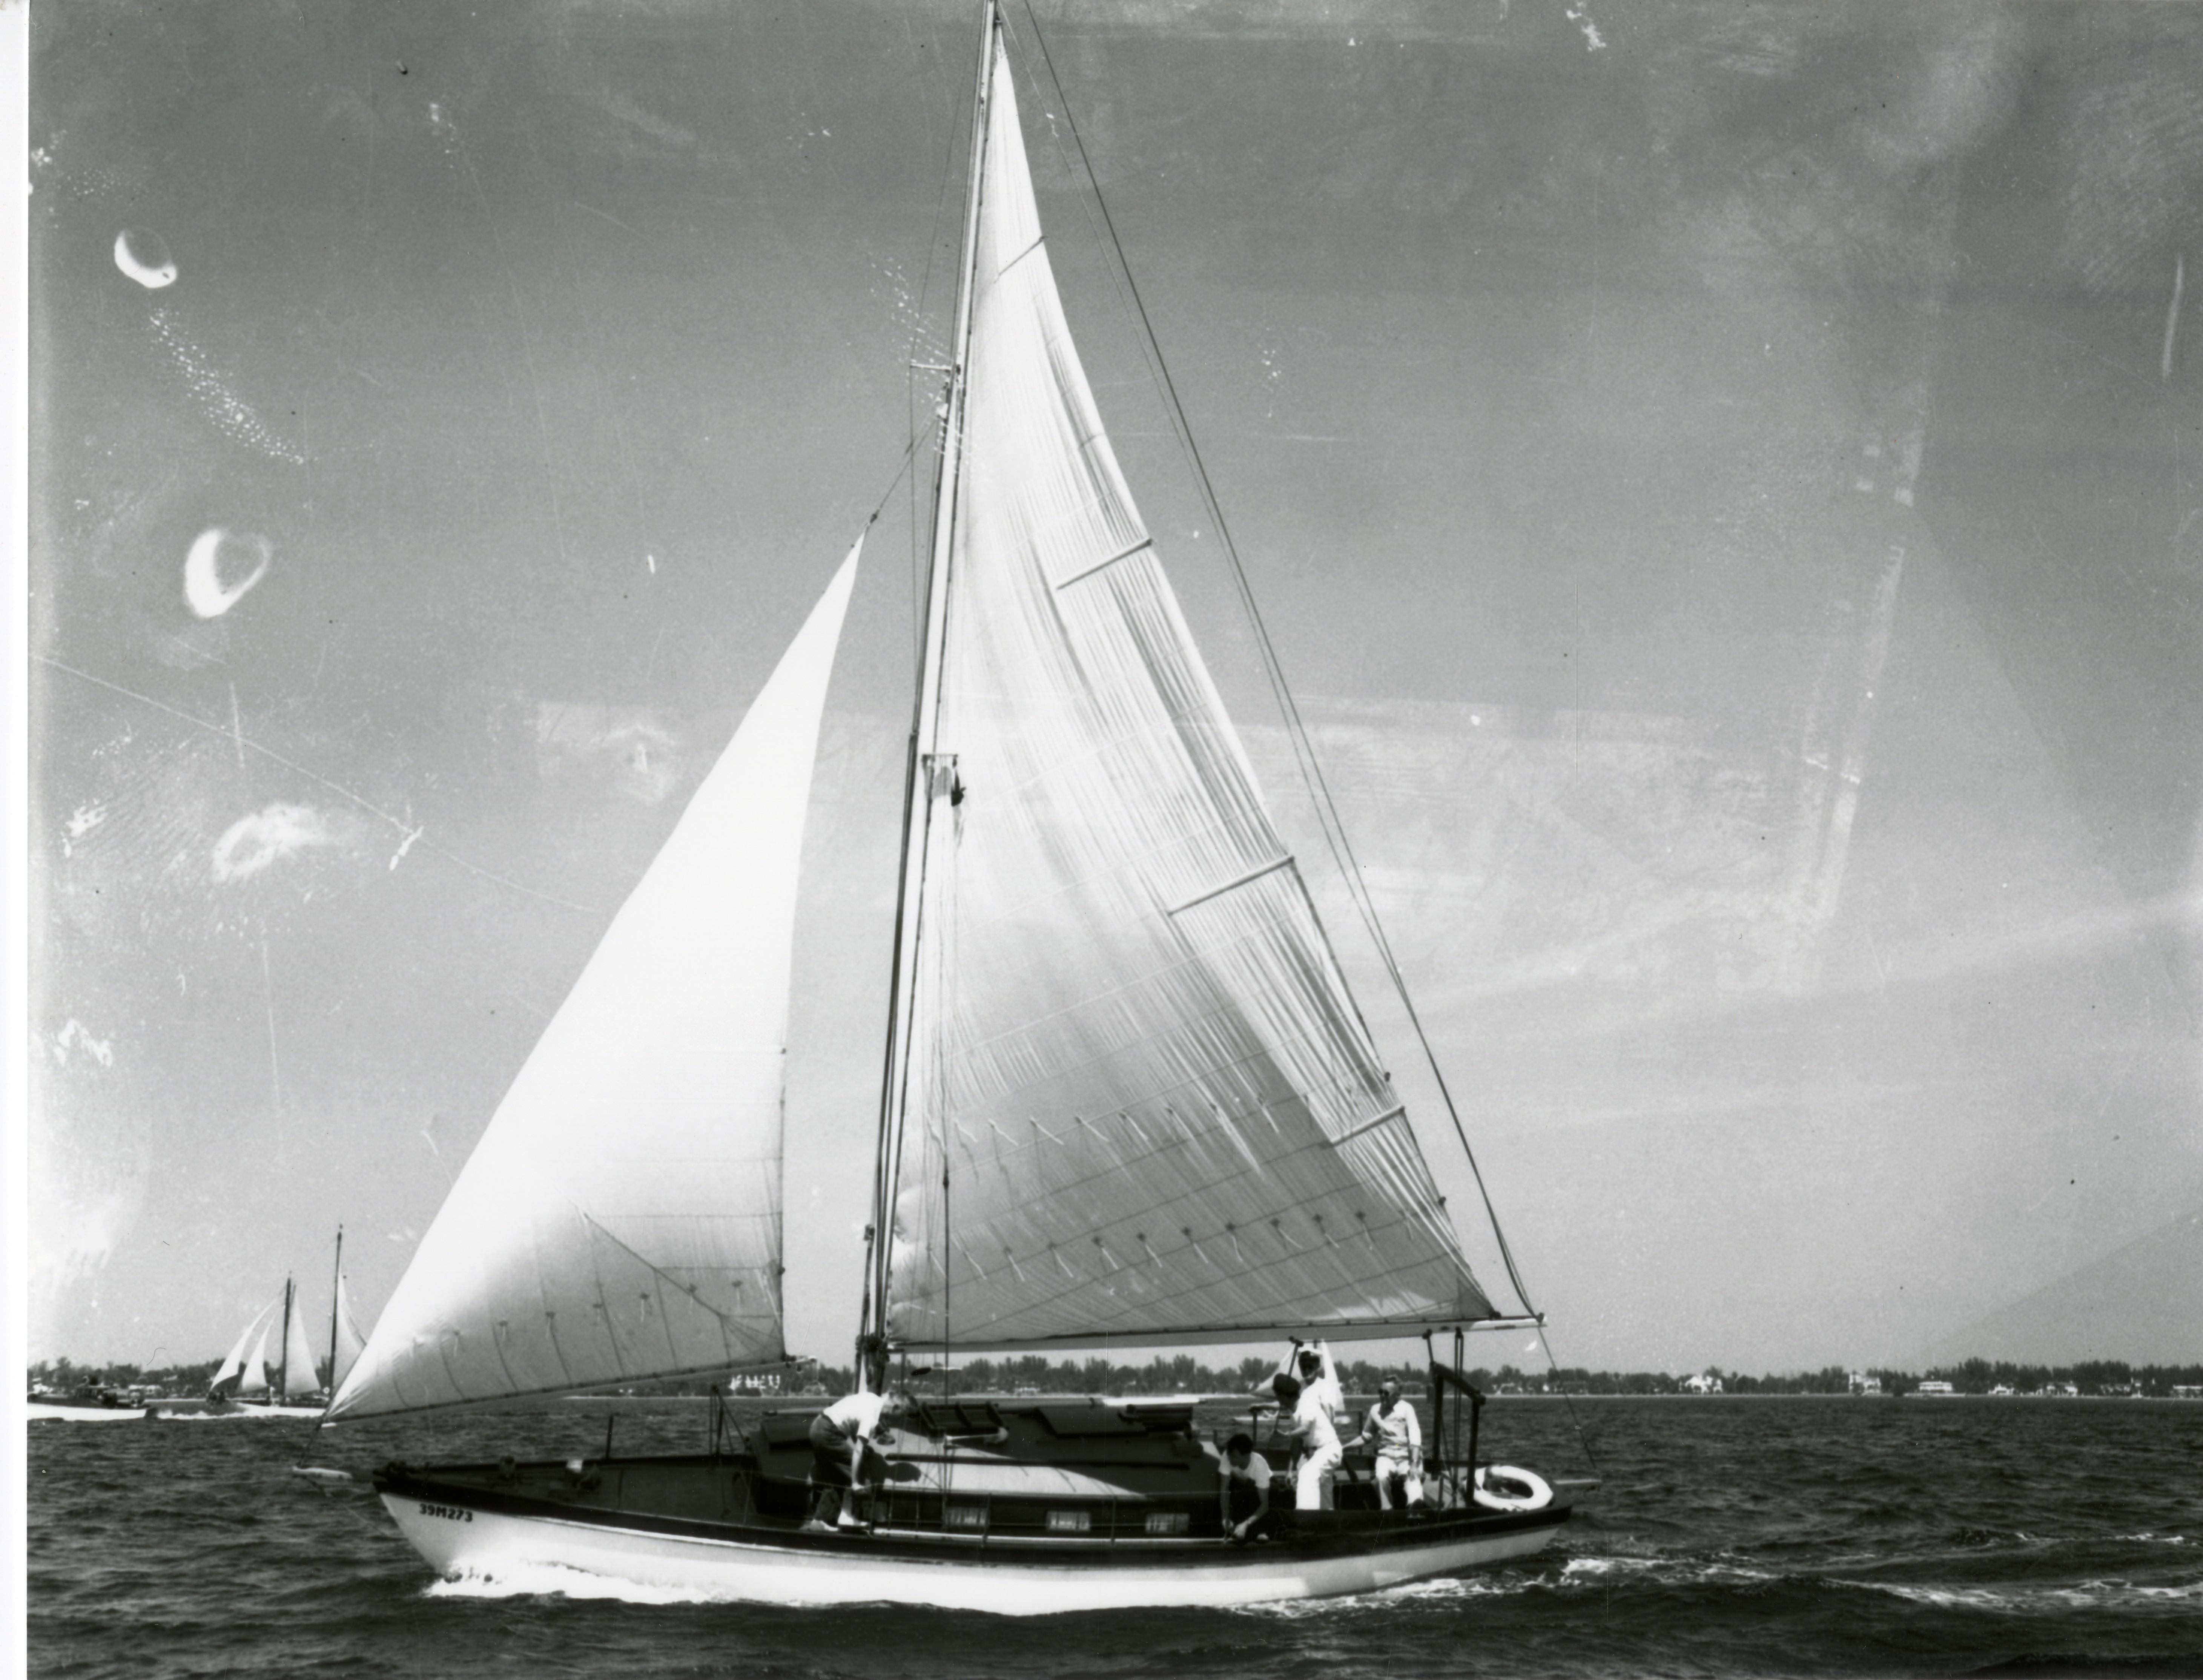 Yachts sailing in Tampa Bay, St. Petersburg, Florida, circa 1930s.